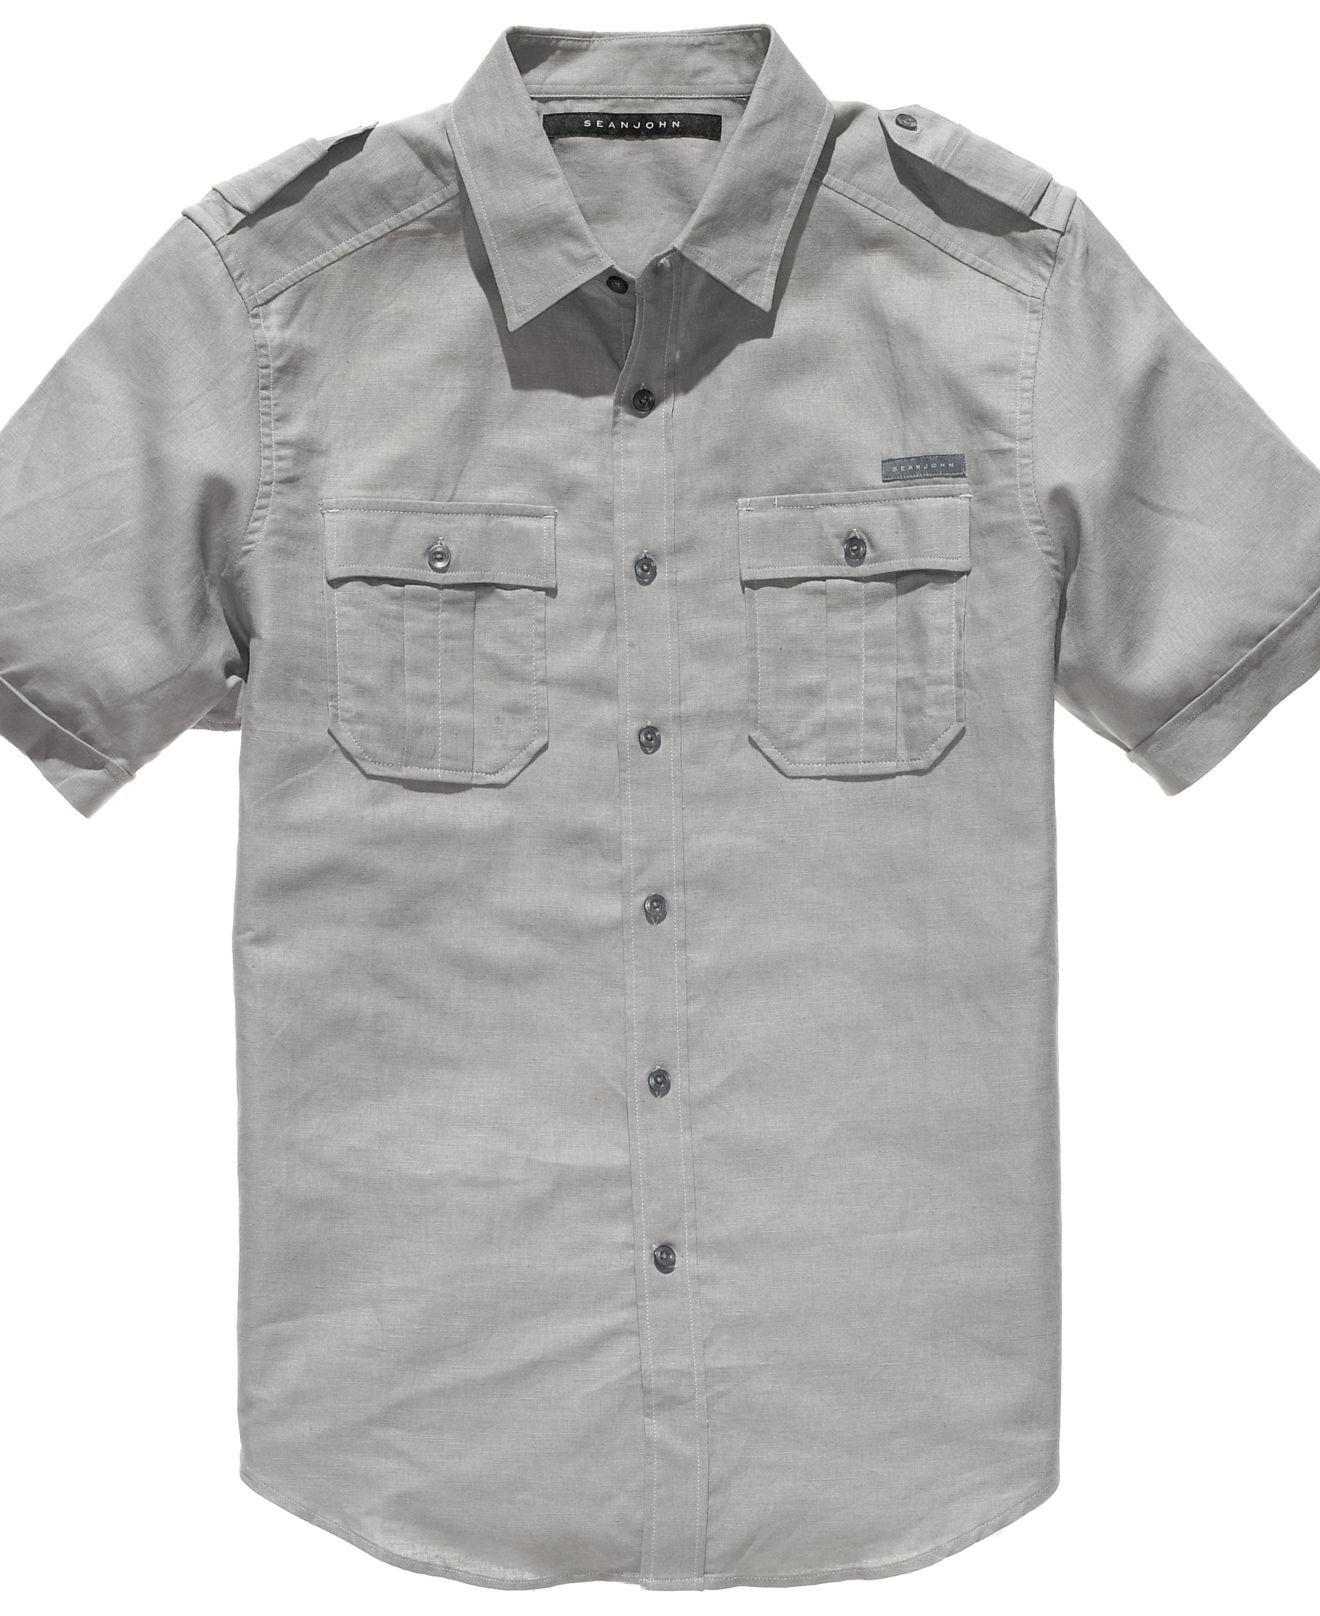 0abaf5d53a Sean John Shirt